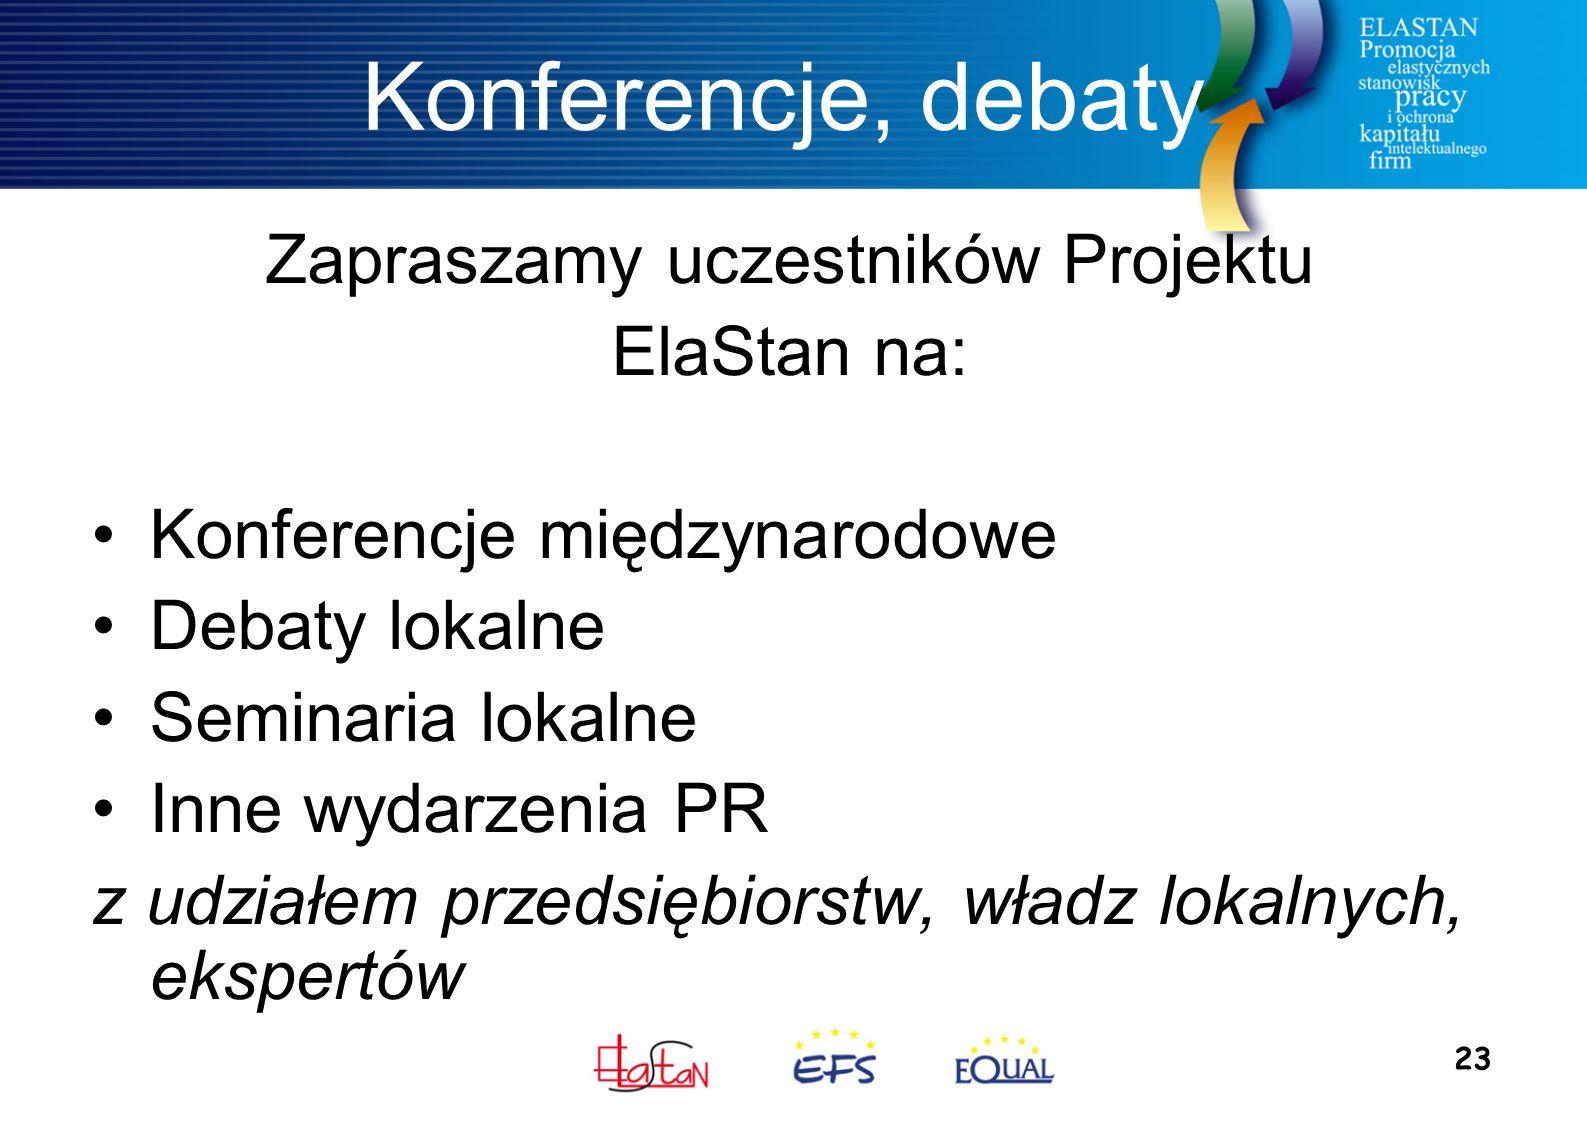 23 Konferencje, debaty Zapraszamy uczestników Projektu ElaStan na: Konferencje międzynarodowe Debaty lokalne Seminaria lokalne Inne wydarzenia PR z ud